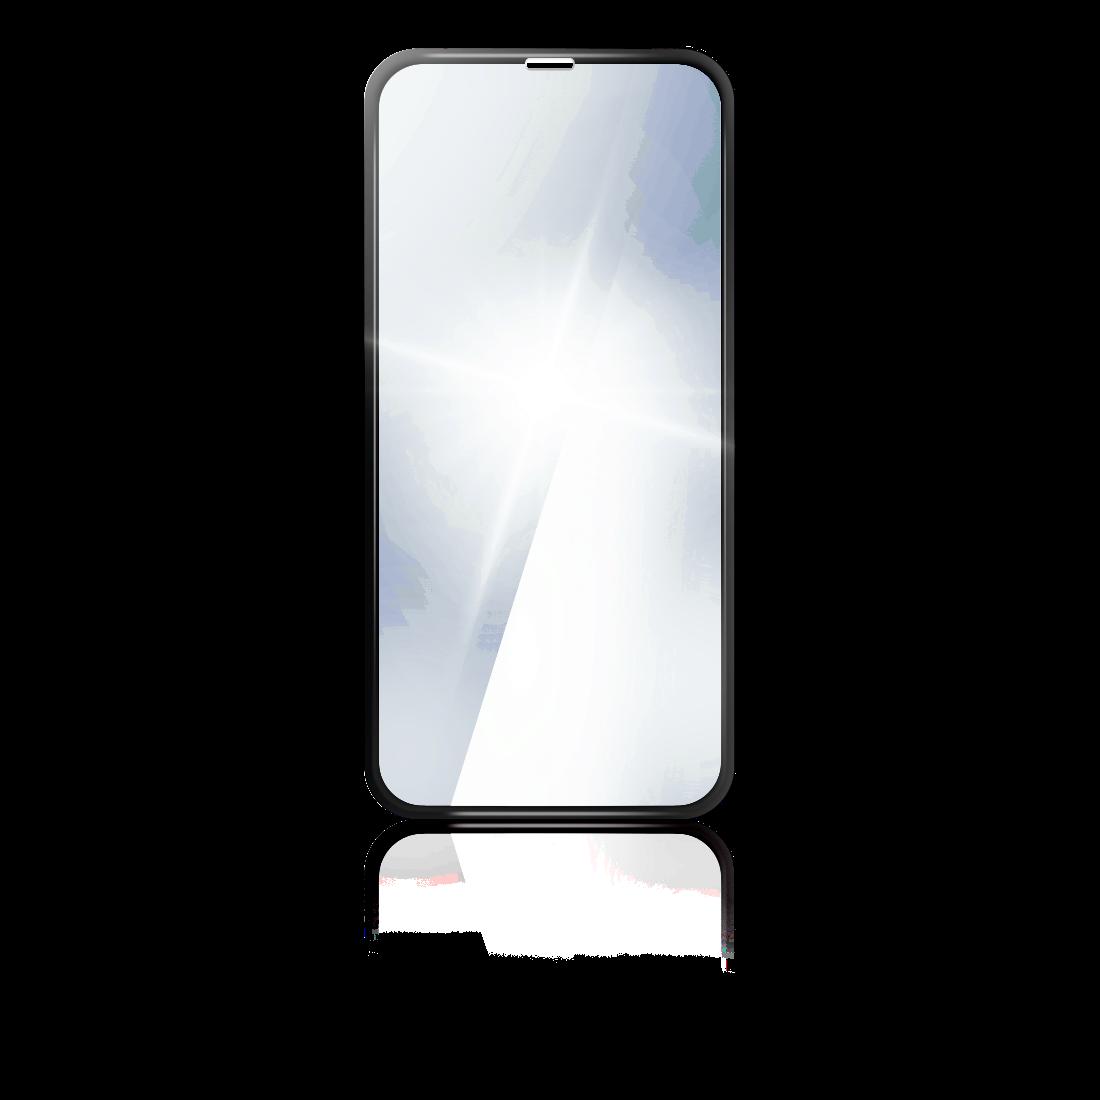 Thay mặt kính iPhone 11 tại quận 9 TPHCM, chính hãng, giá tốt